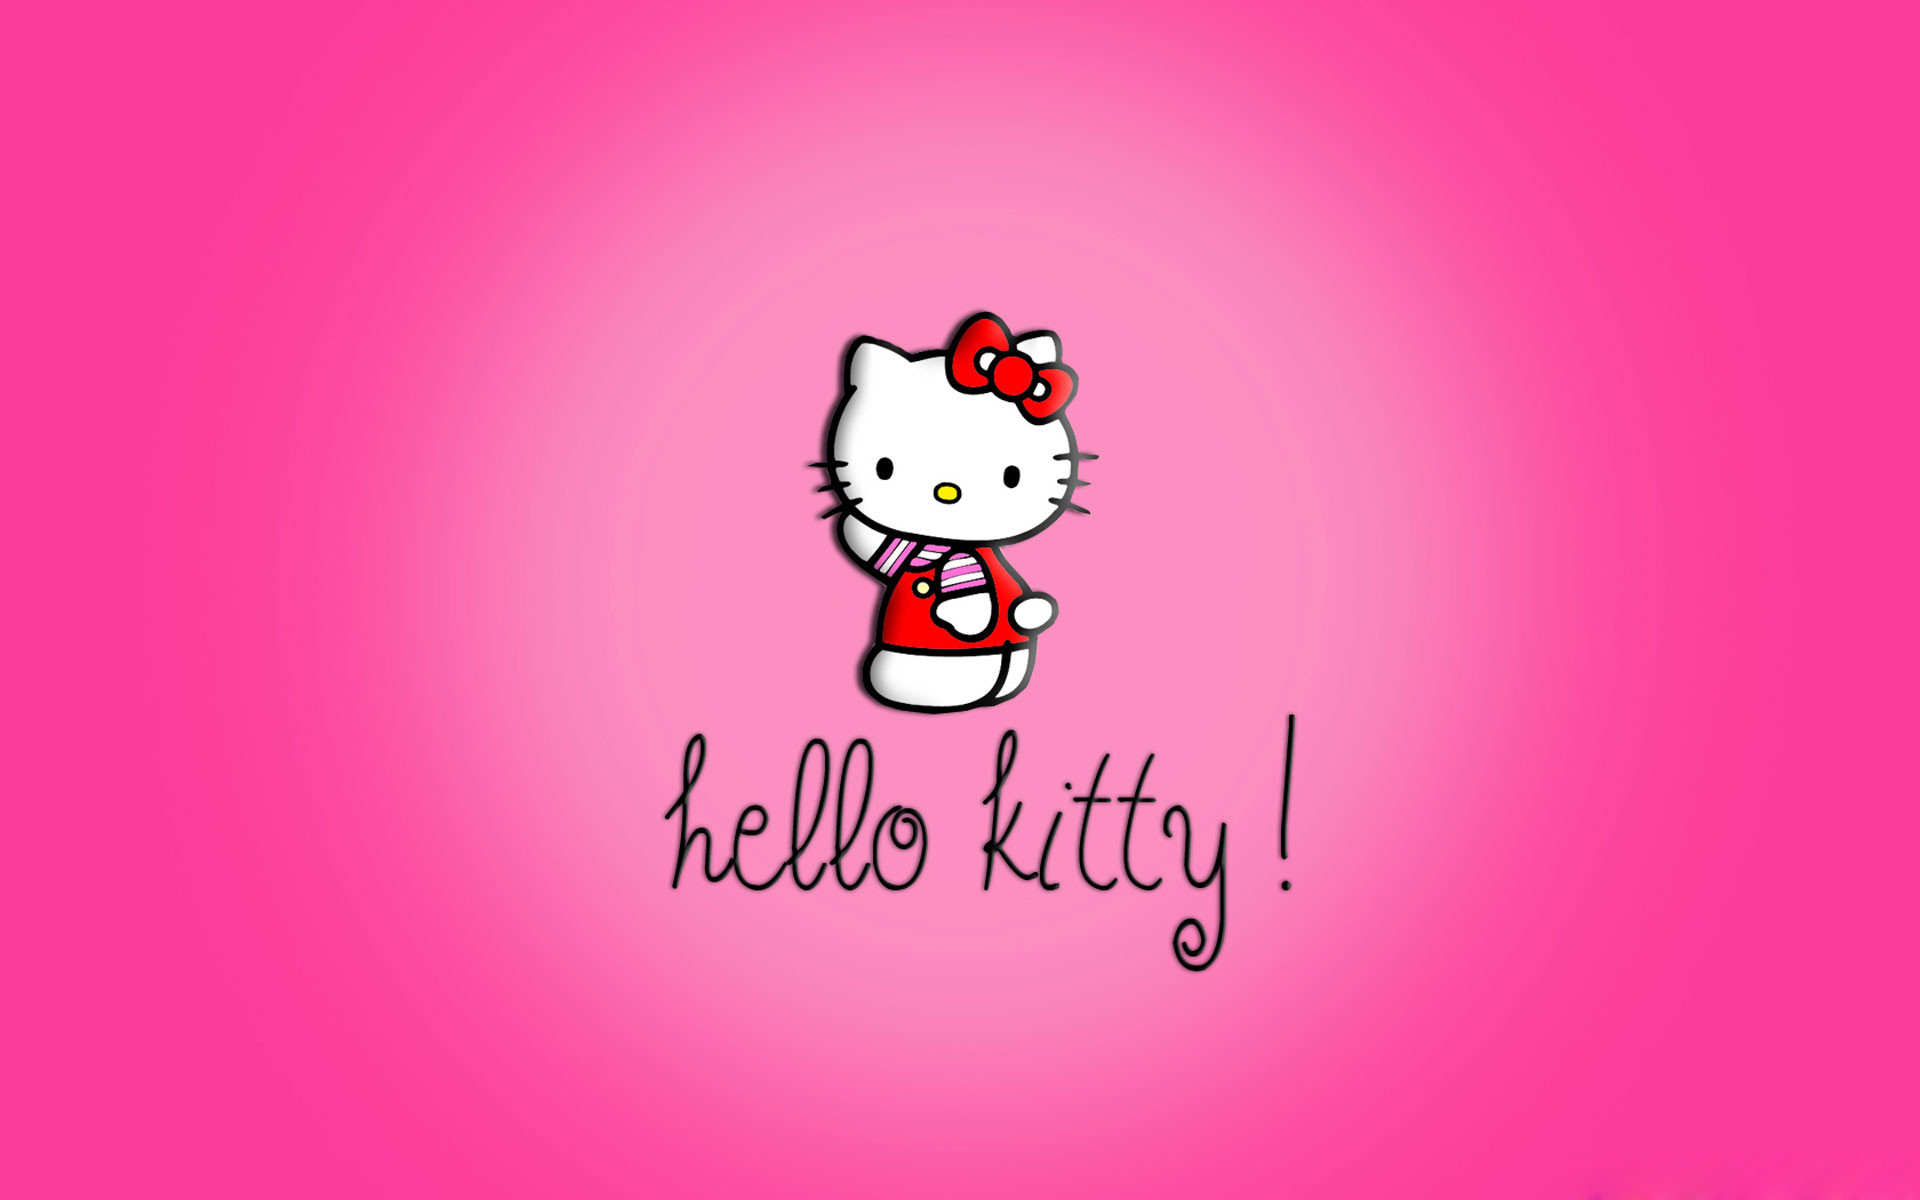 Hình ảnh nền kitty màu hồng dễ thương